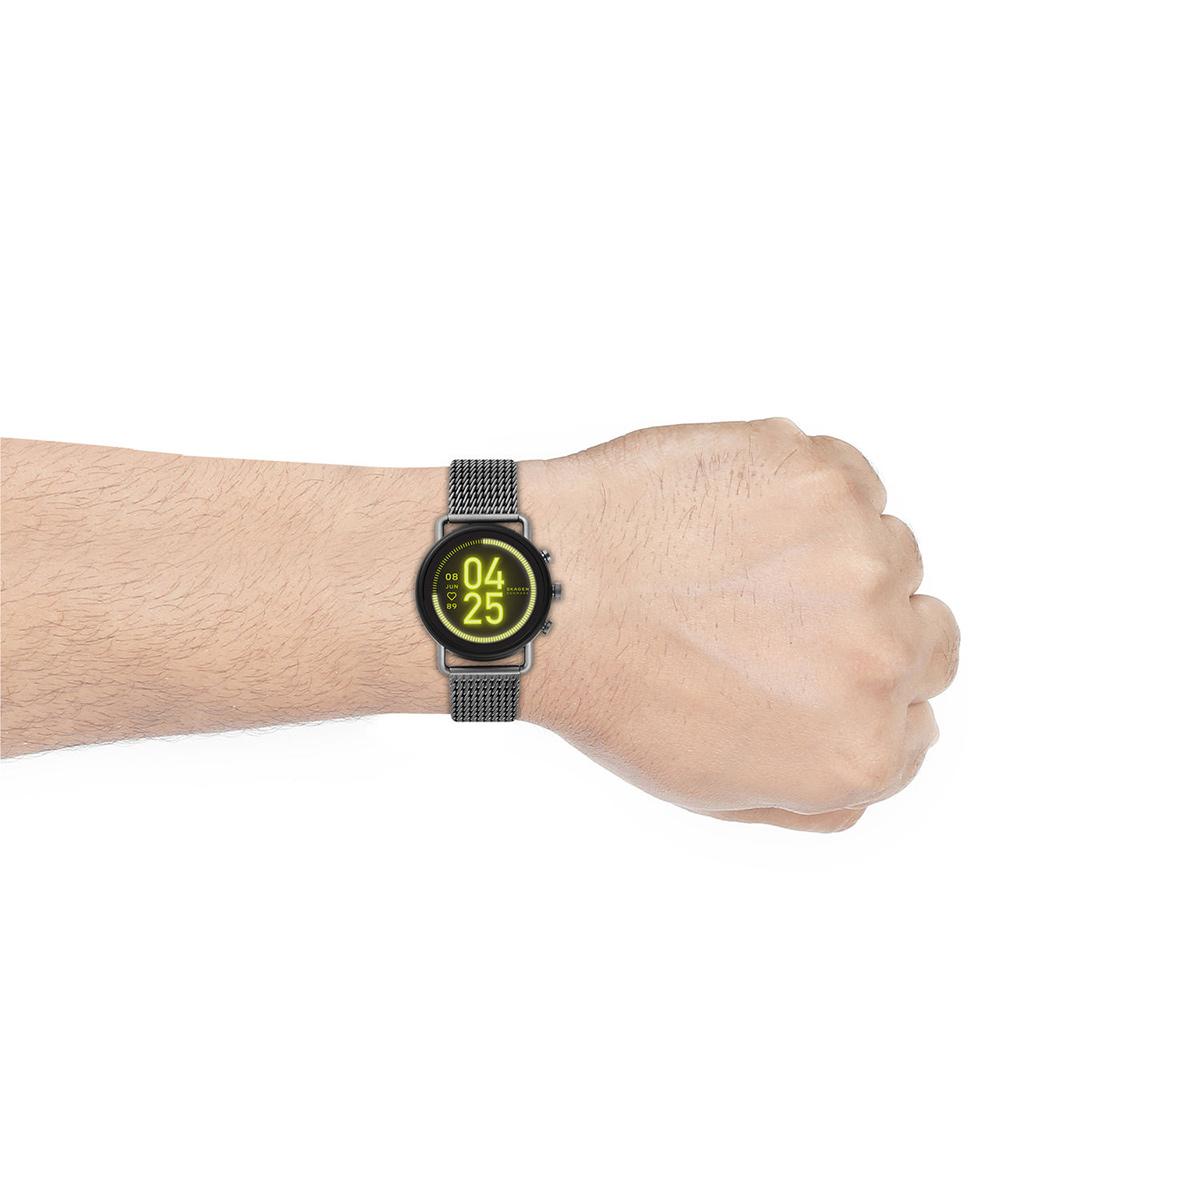 スカーゲン SKAGEN スマートウォッチ ウェアラブル 腕時計 メンズ レディース フォルスター3 FALSTER 3 SKT5200